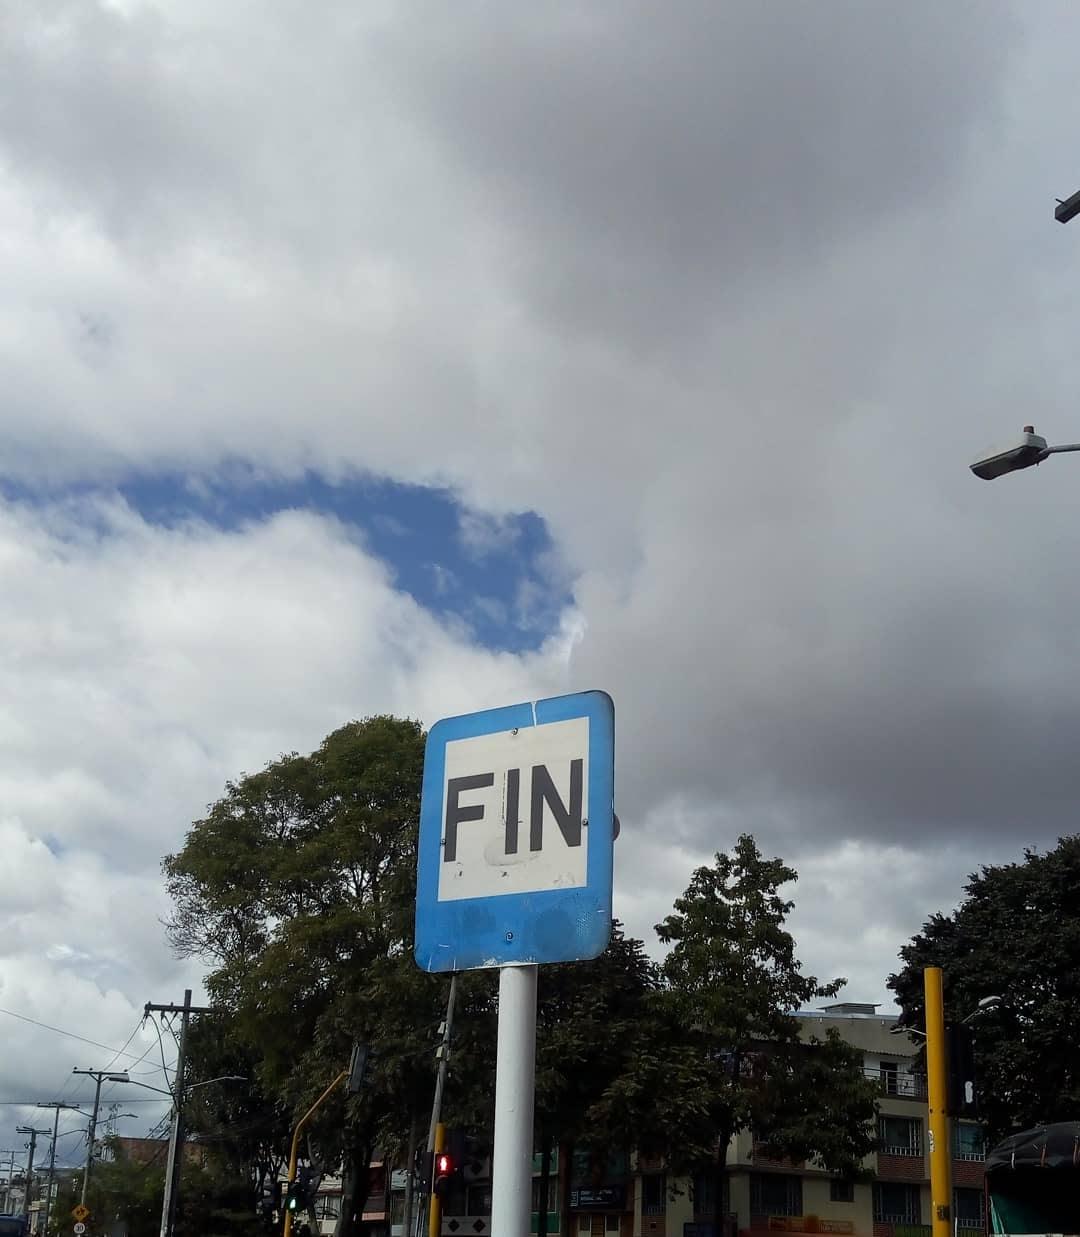 """Señal de tránsito en medio de la calle que dice """"FIN"""""""